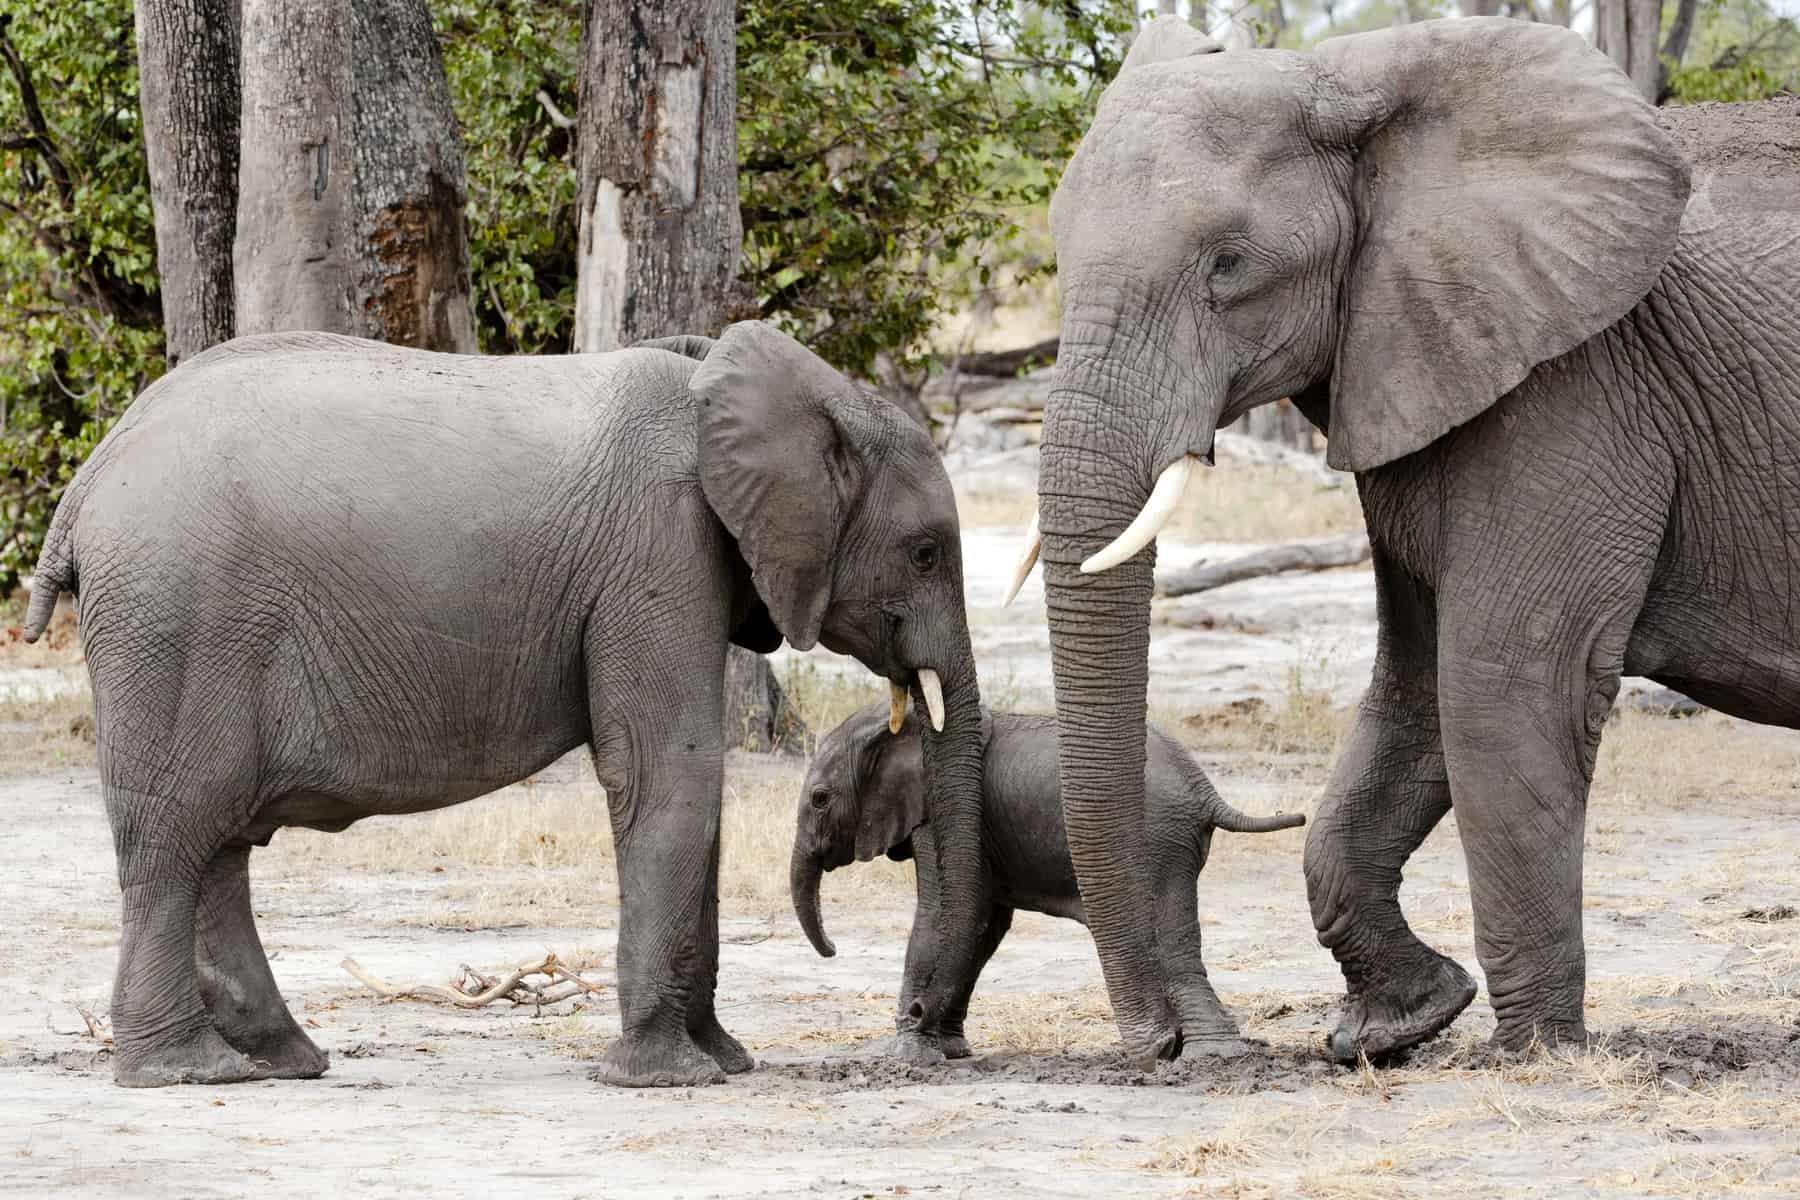 Baby elephant between mother and brother, Okavango Delta, Botswana, Africa